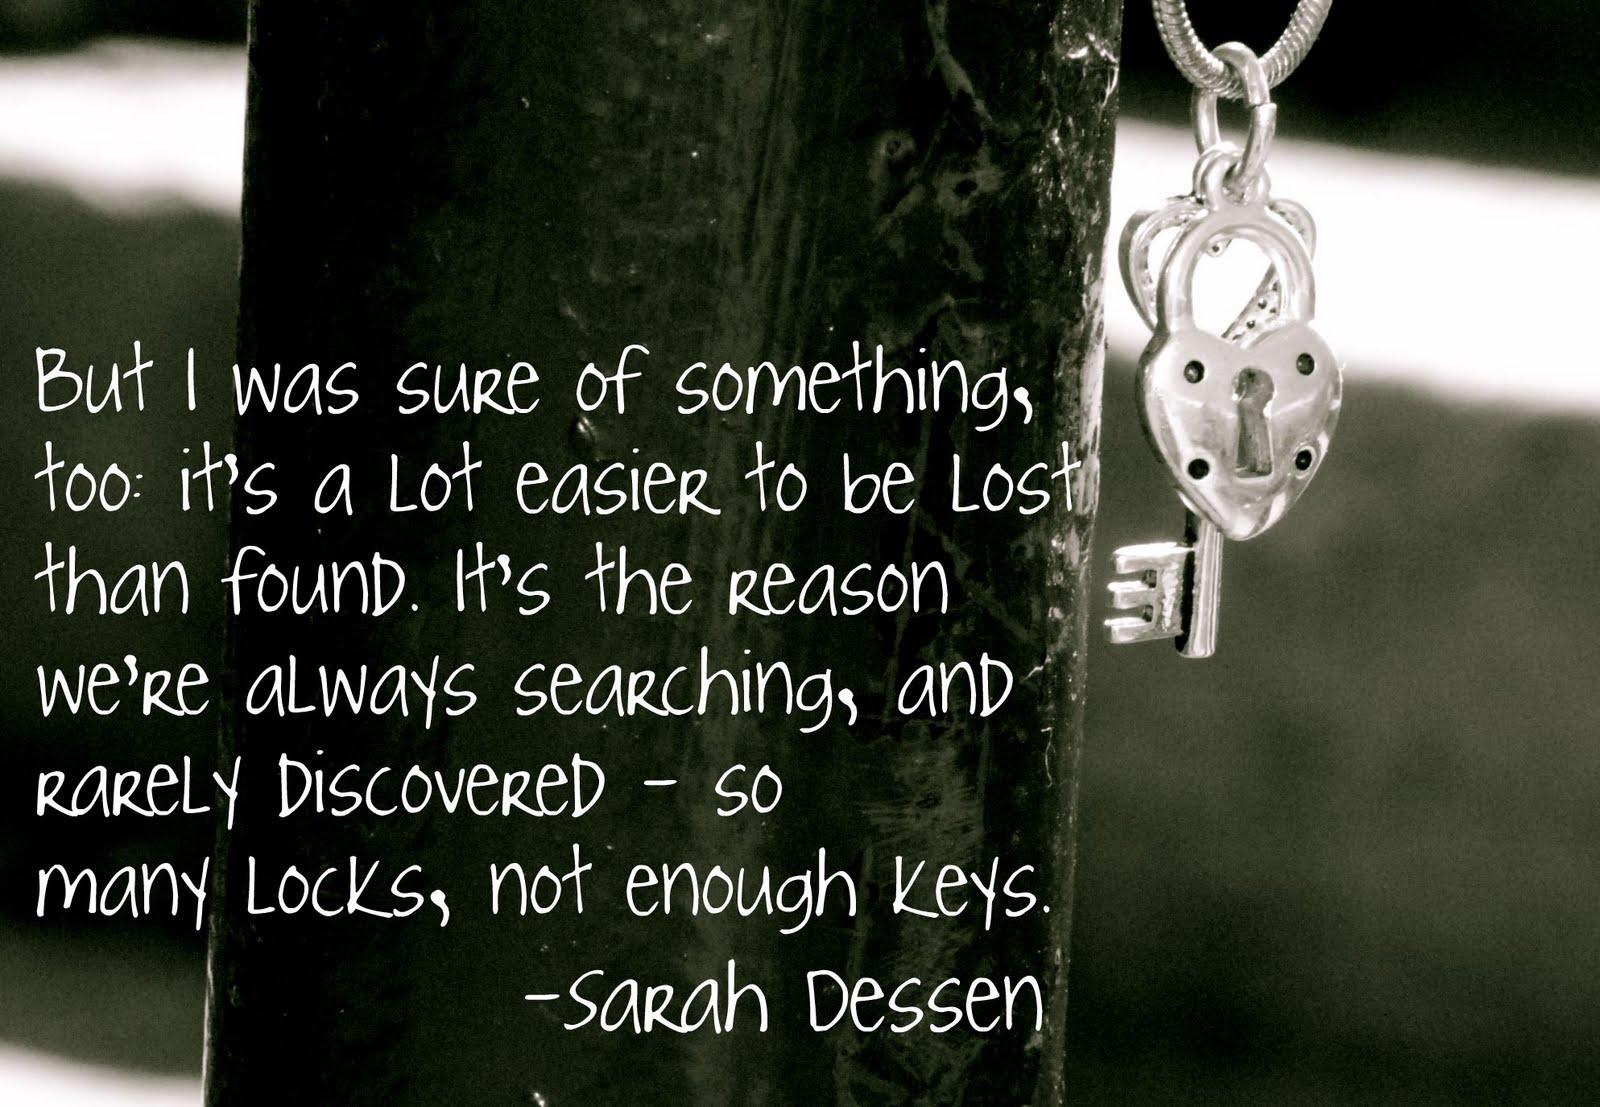 Sarah Dessen's quote #3